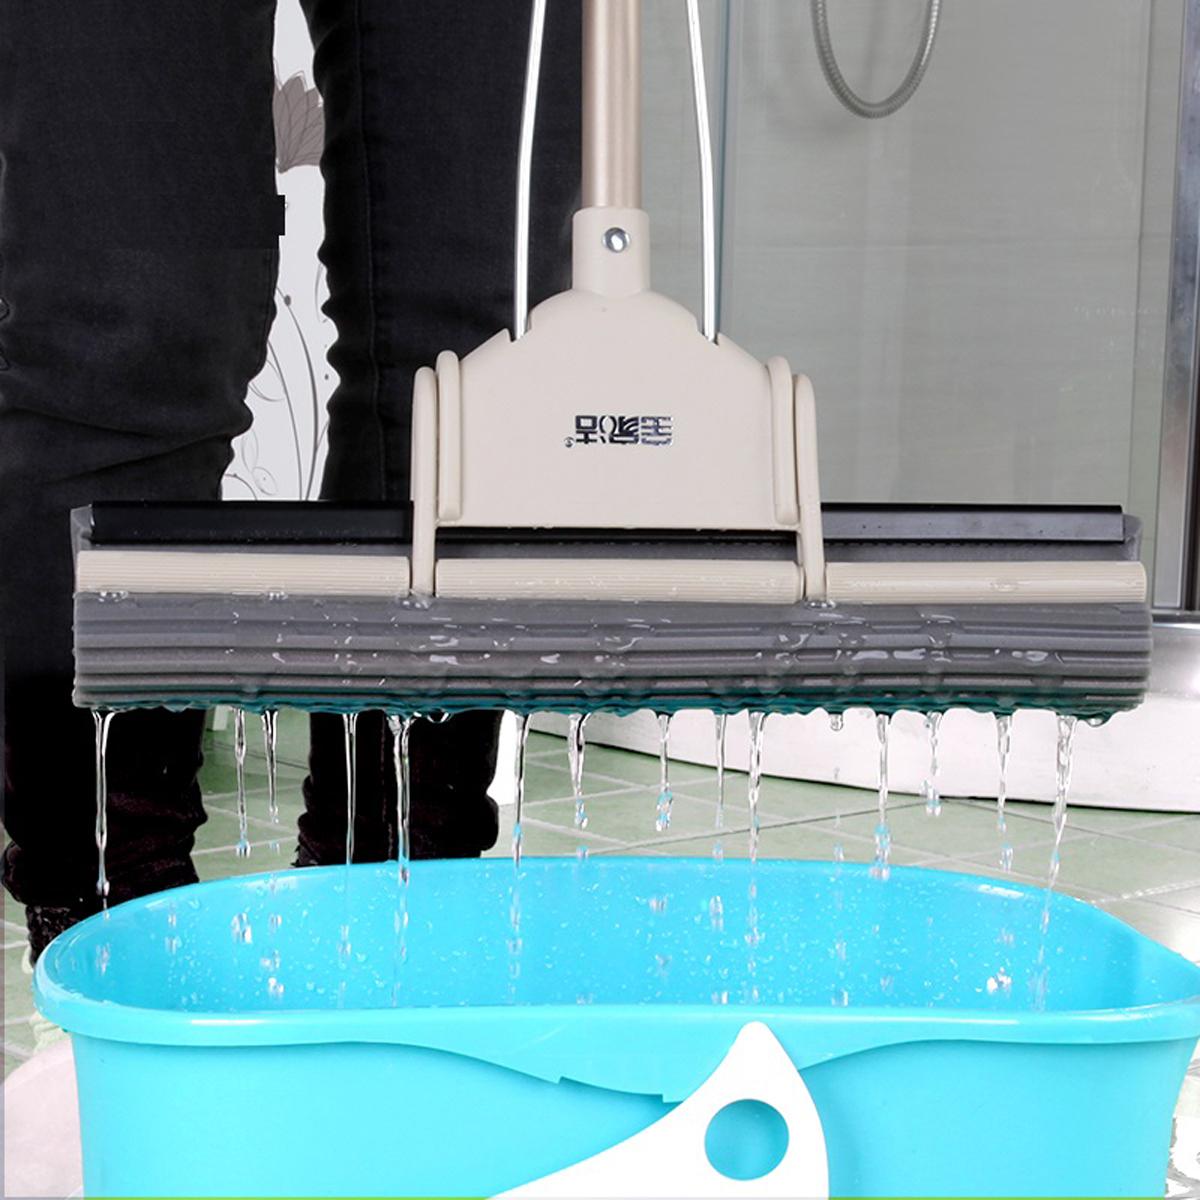 Насадка сменная для ПВА швабры Boomjoy JY8061, 40 смJY8081Насадка сменная для ПВА швабры Boomjoy JY8061 не требует замачивания, впитывает отличноводу, изначально идет мягкая. Губка притягивает пыль, мелкий мусор песок, а также отличносправляется с шерстью домашних животных и прекрасно собирает волосы на полу и коврах. Припогружении губки в воду (даже однократном) весь мусор остается в воде. Подходит для чисткиковров и ковровых покрытий. Длина губки 40 см.